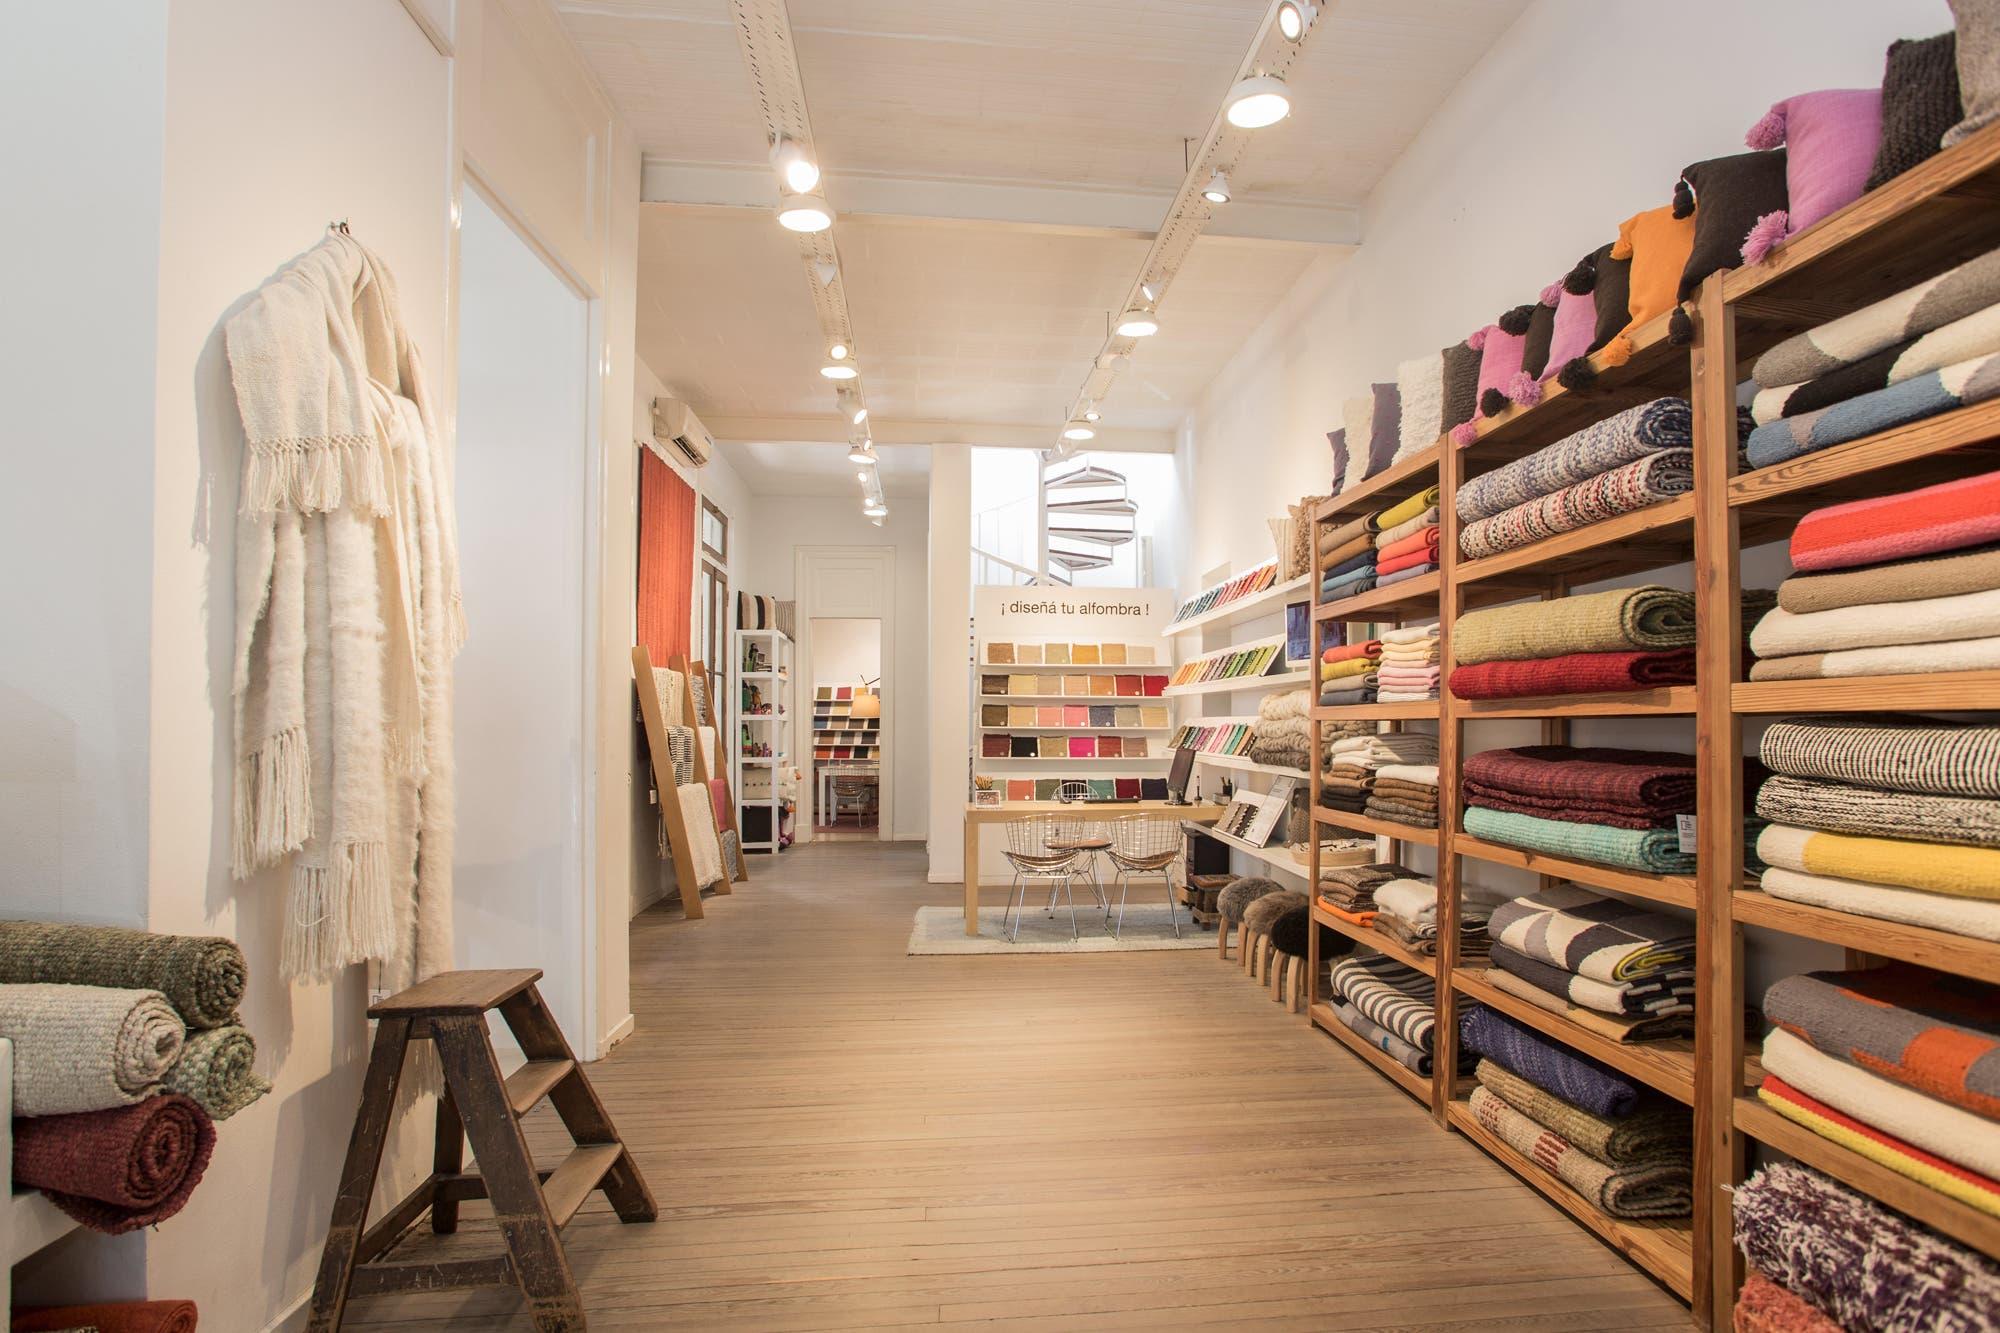 Producción artesanal. Unen a tejedores de alfombras de todo el país y exportan a diez países